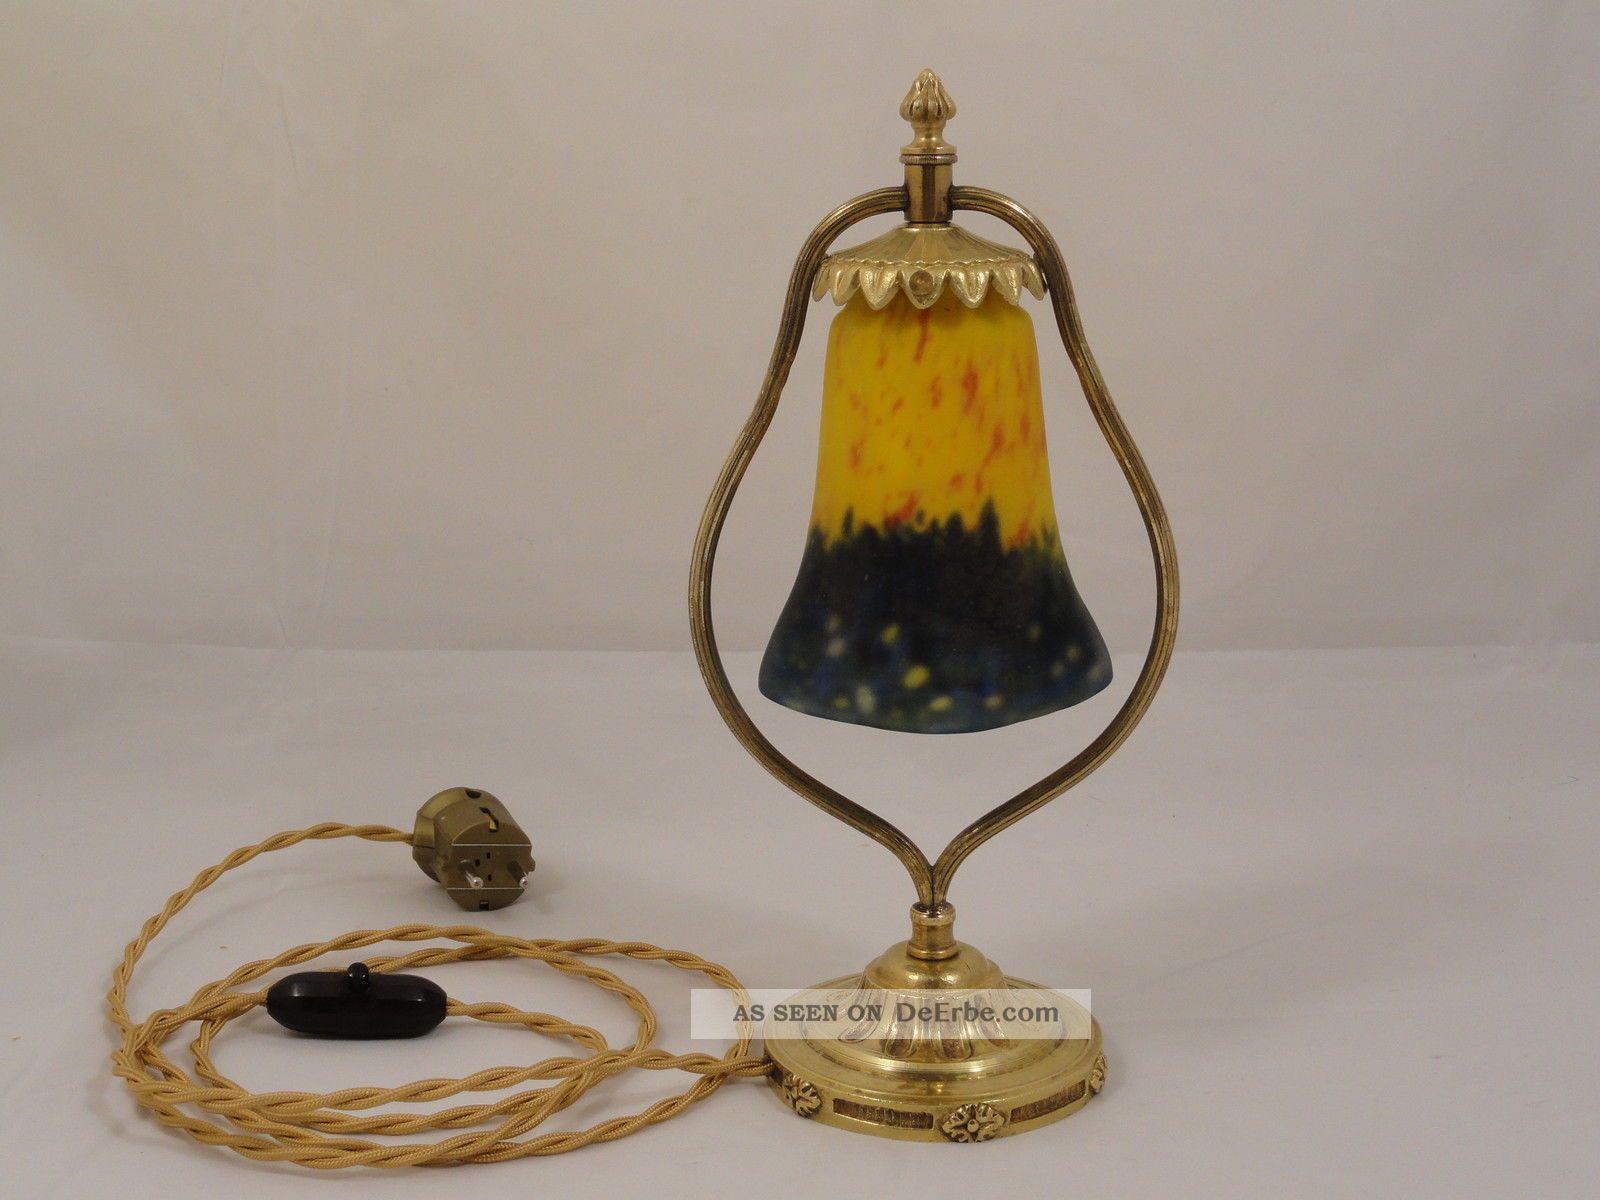 muller freres signiert art deco lampe jugendstil pate de. Black Bedroom Furniture Sets. Home Design Ideas